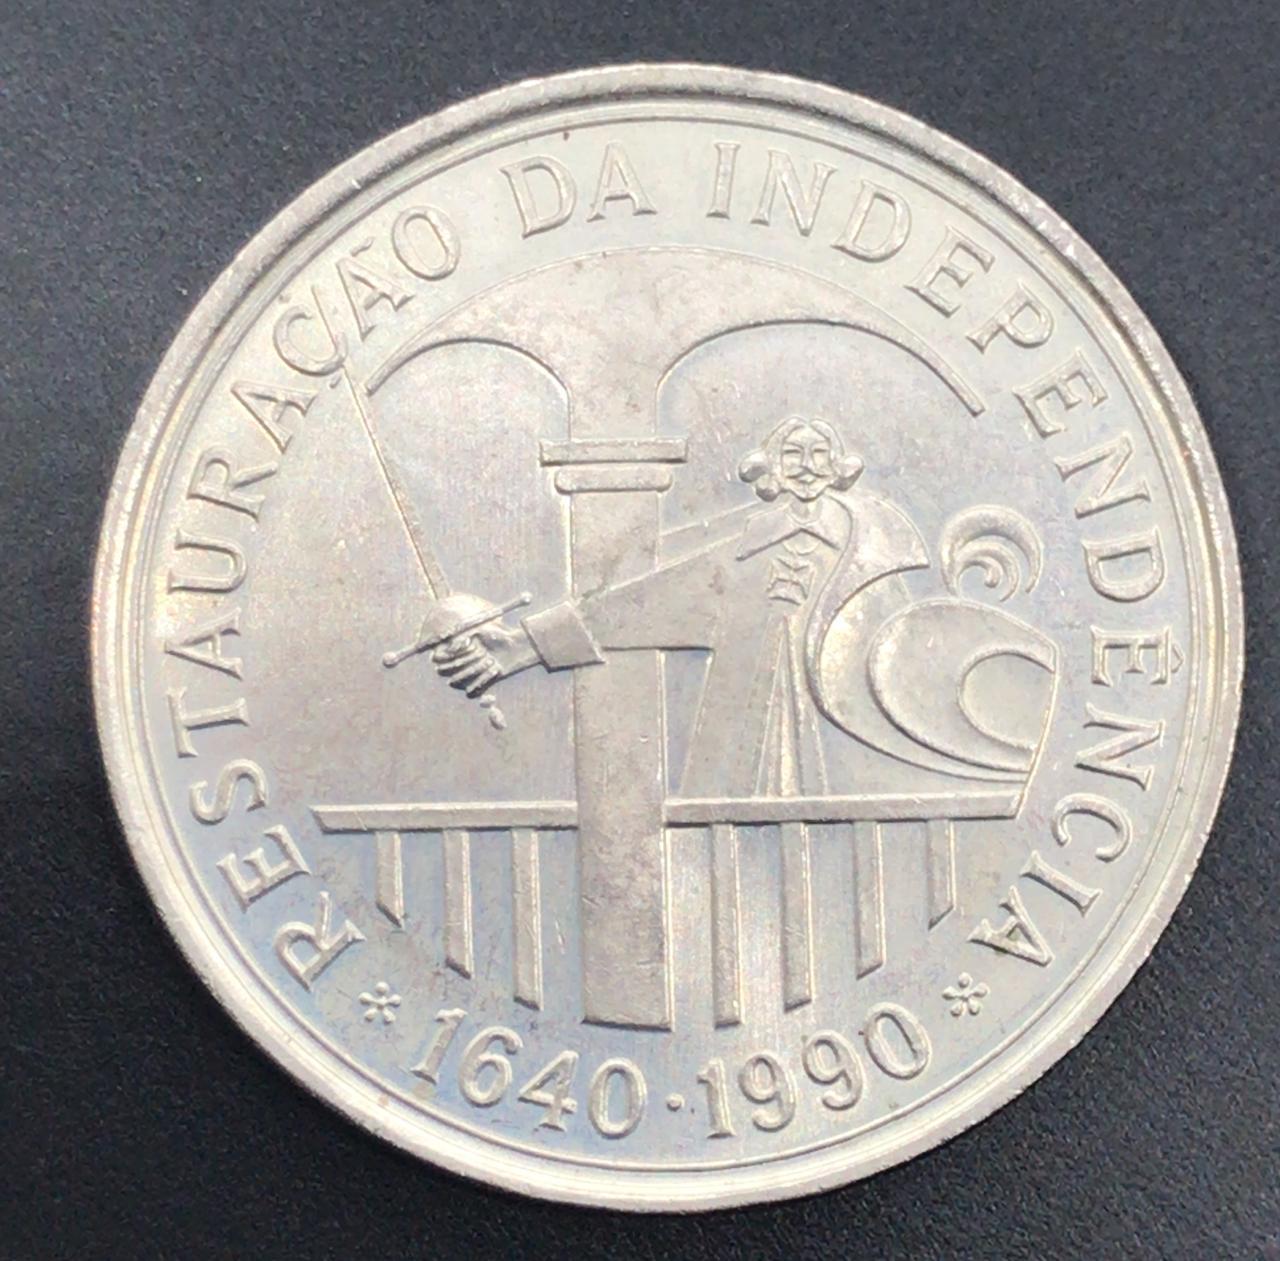 Moeda de Portugal 100 Escudos Restauração da Independencia